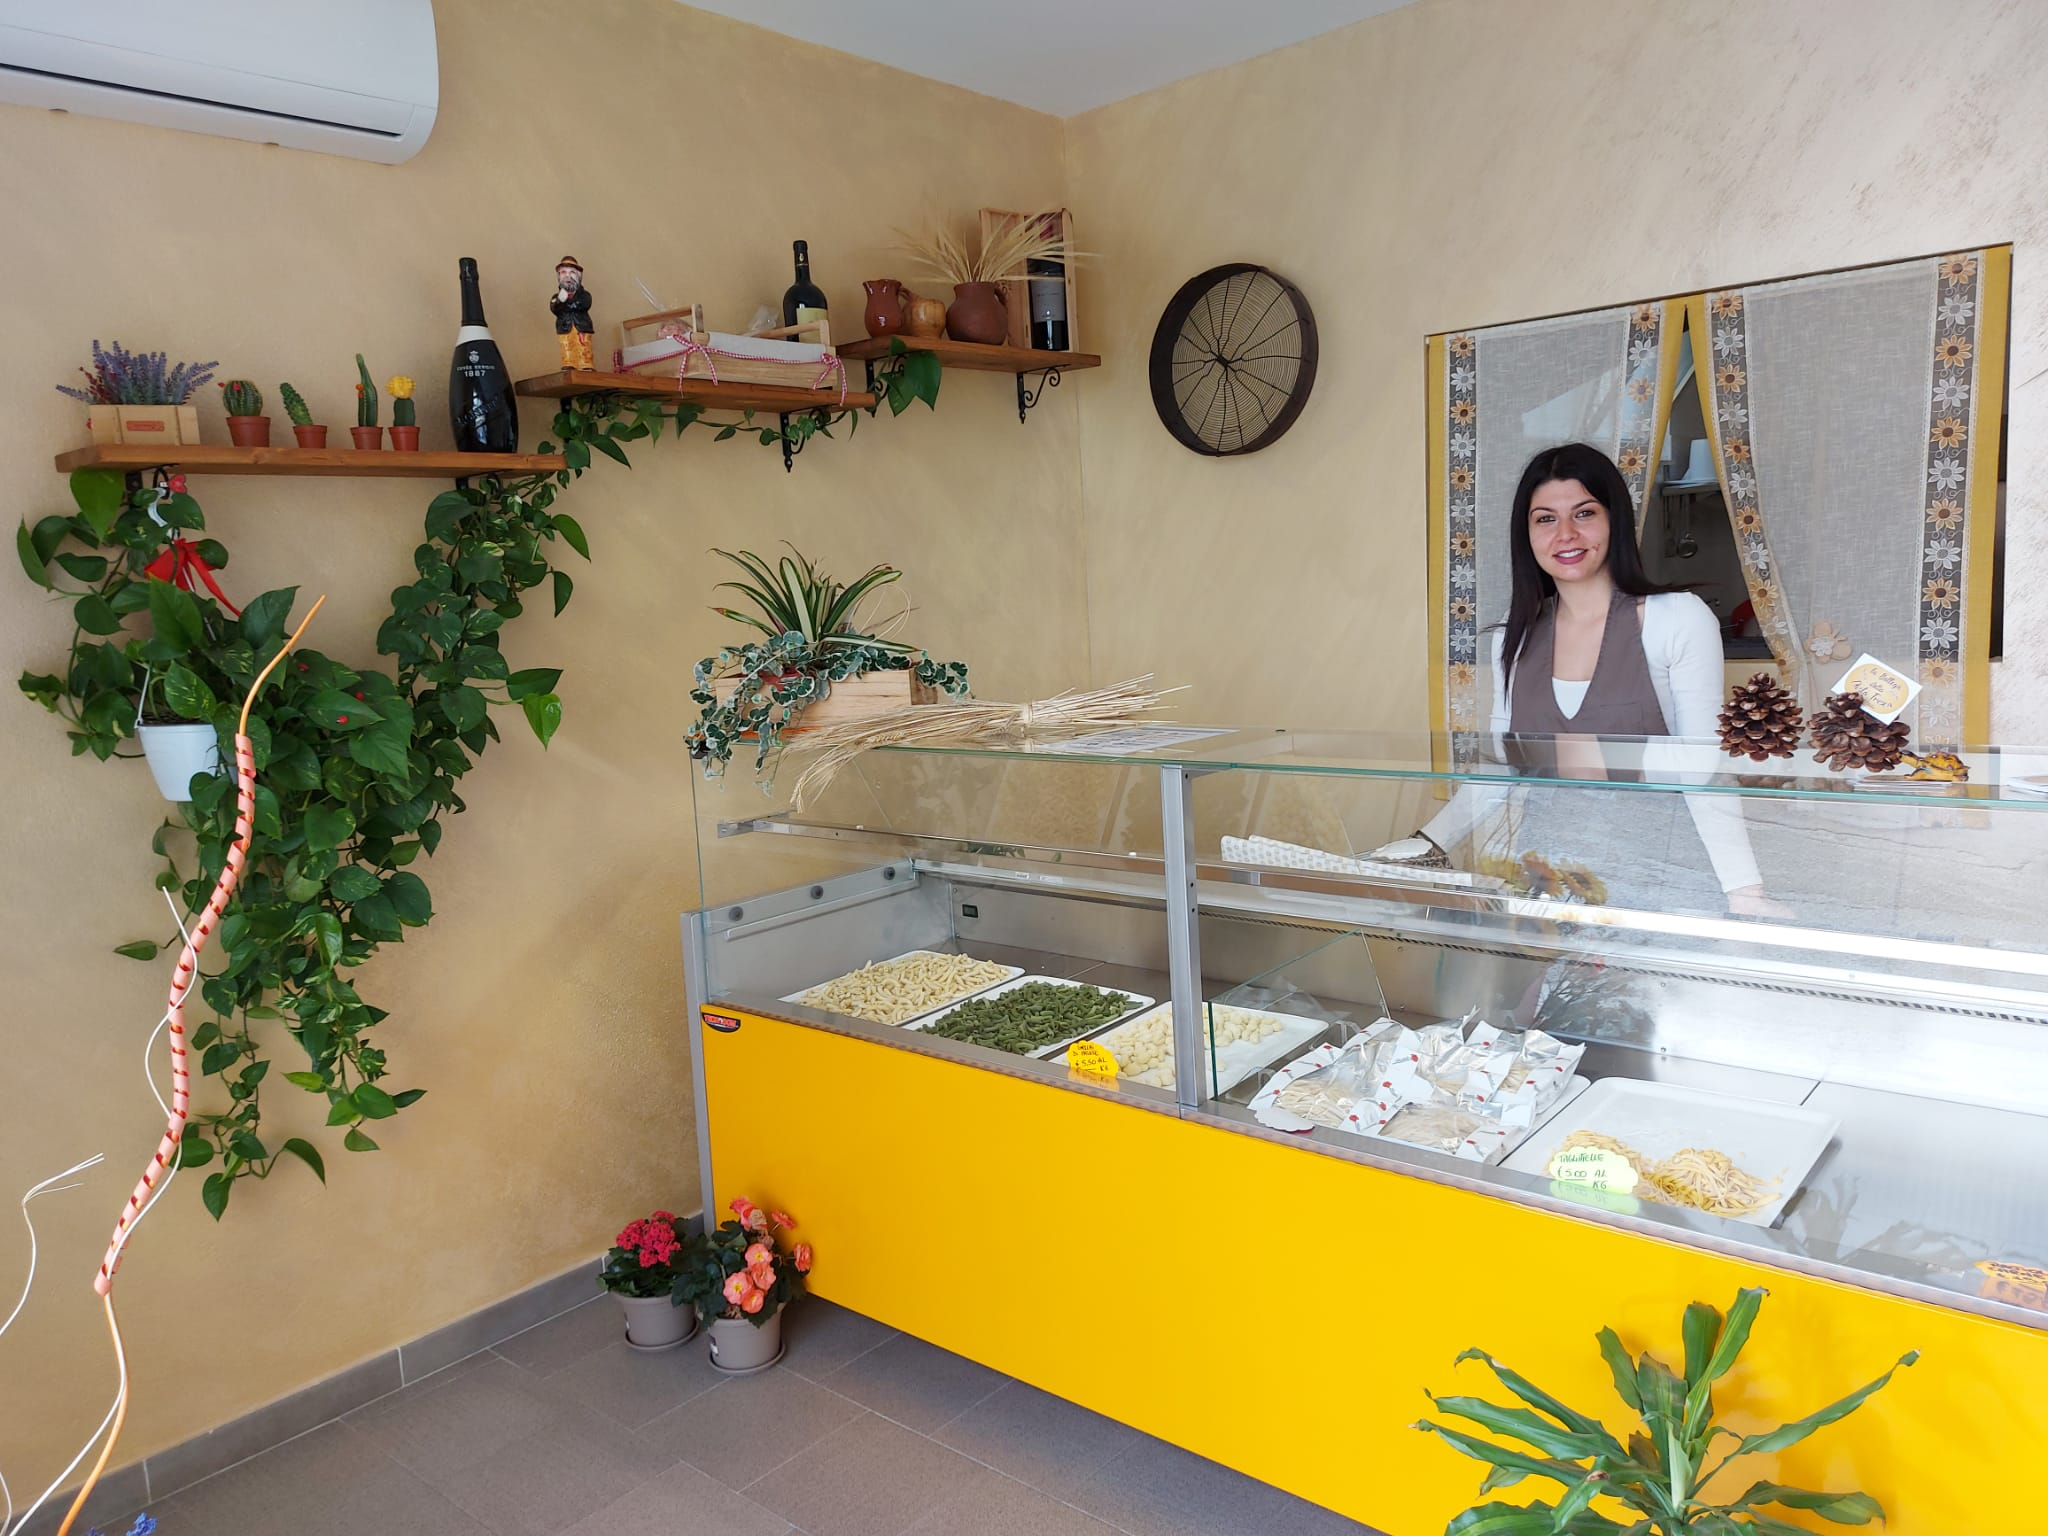 Romania Ventrice, giovane imprenditrice, raccoglie la sfida di rimanere in Calabria